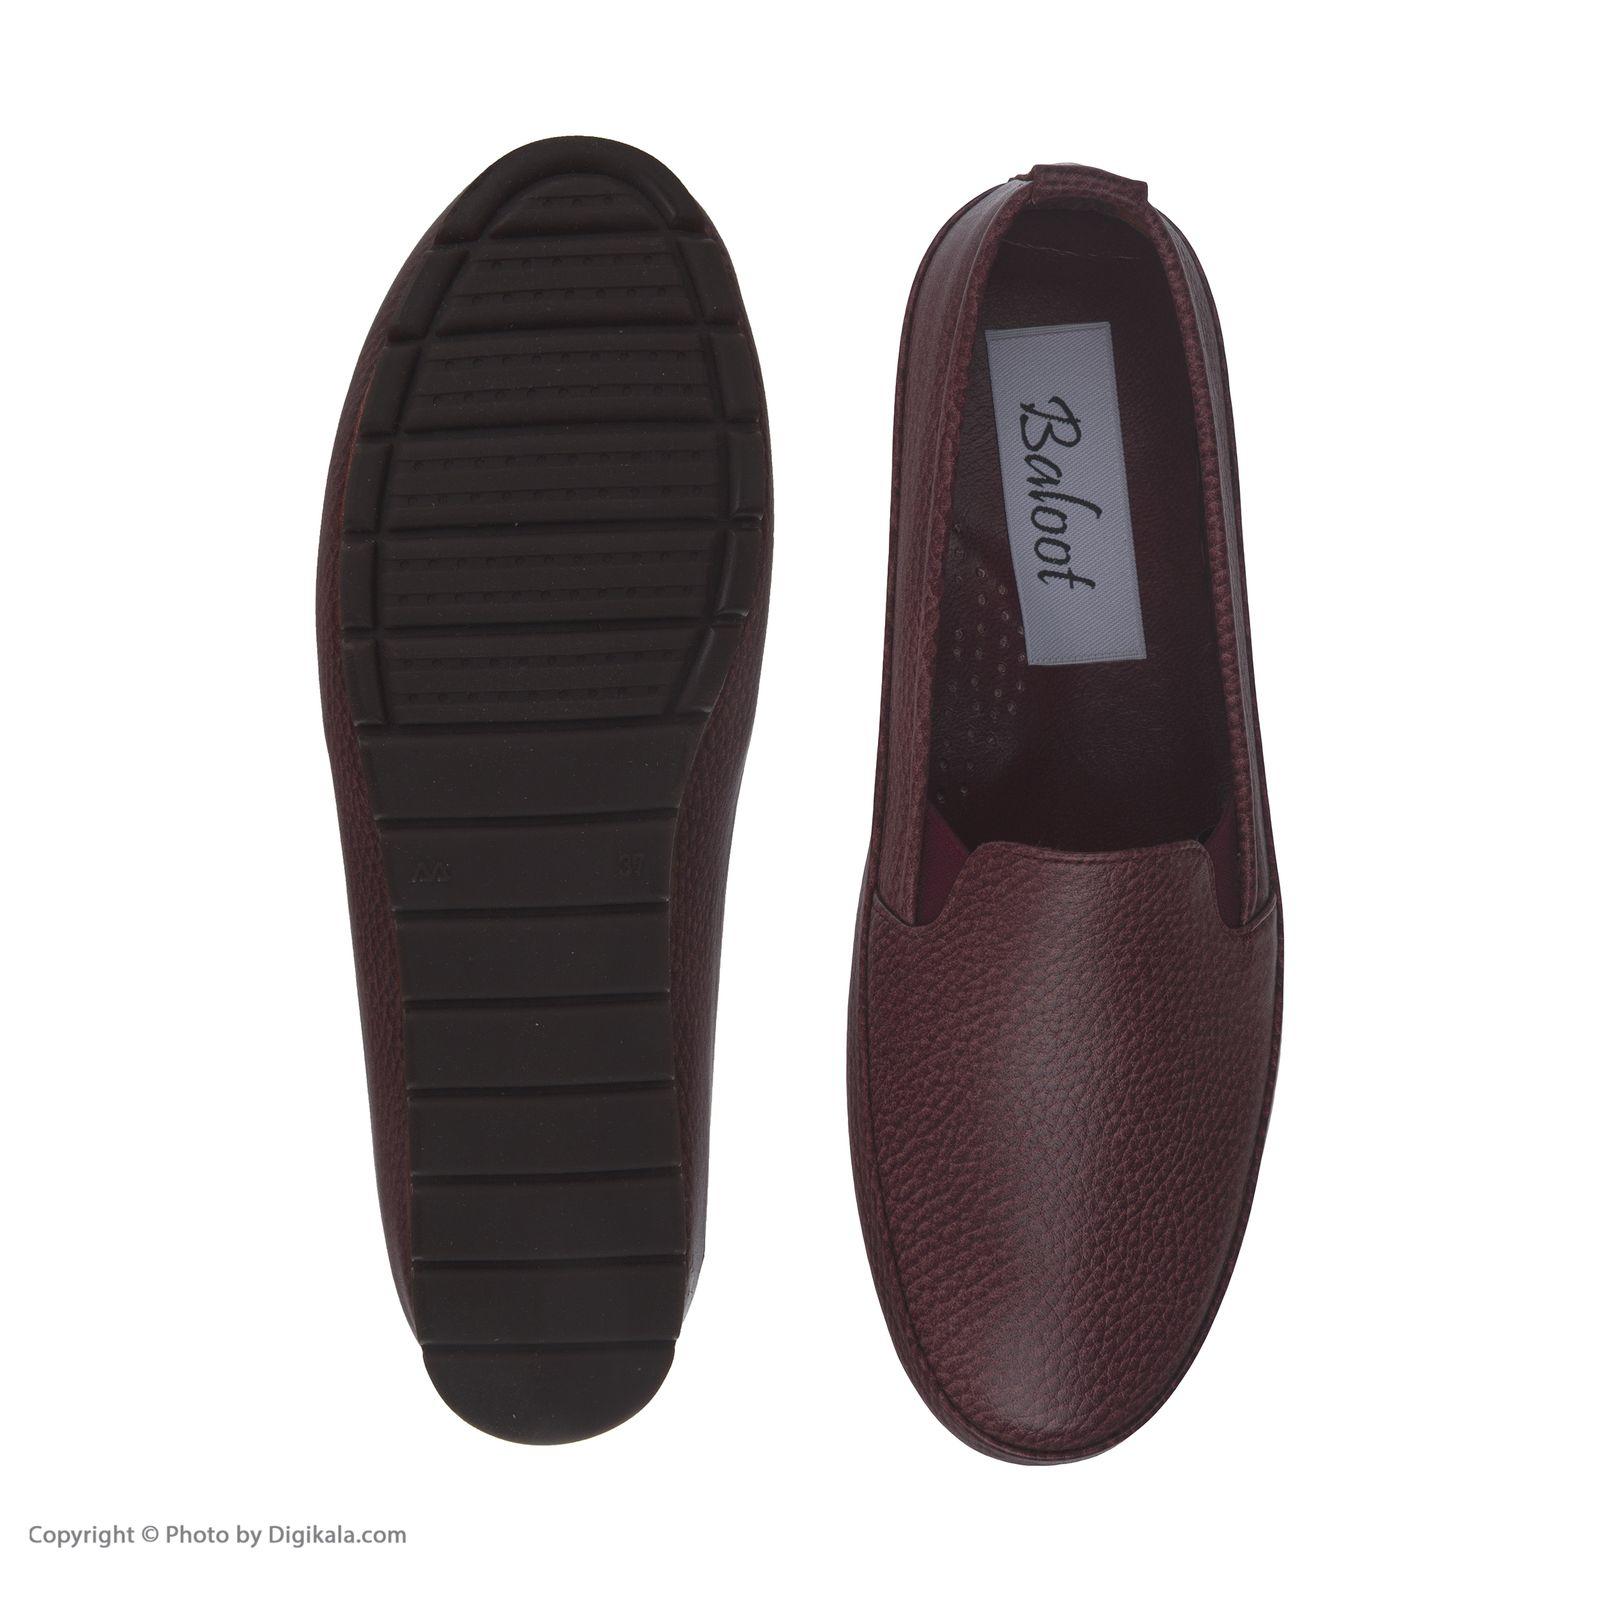 کفش روزمره زنانه بلوط مدل 5313A500115 -  - 4